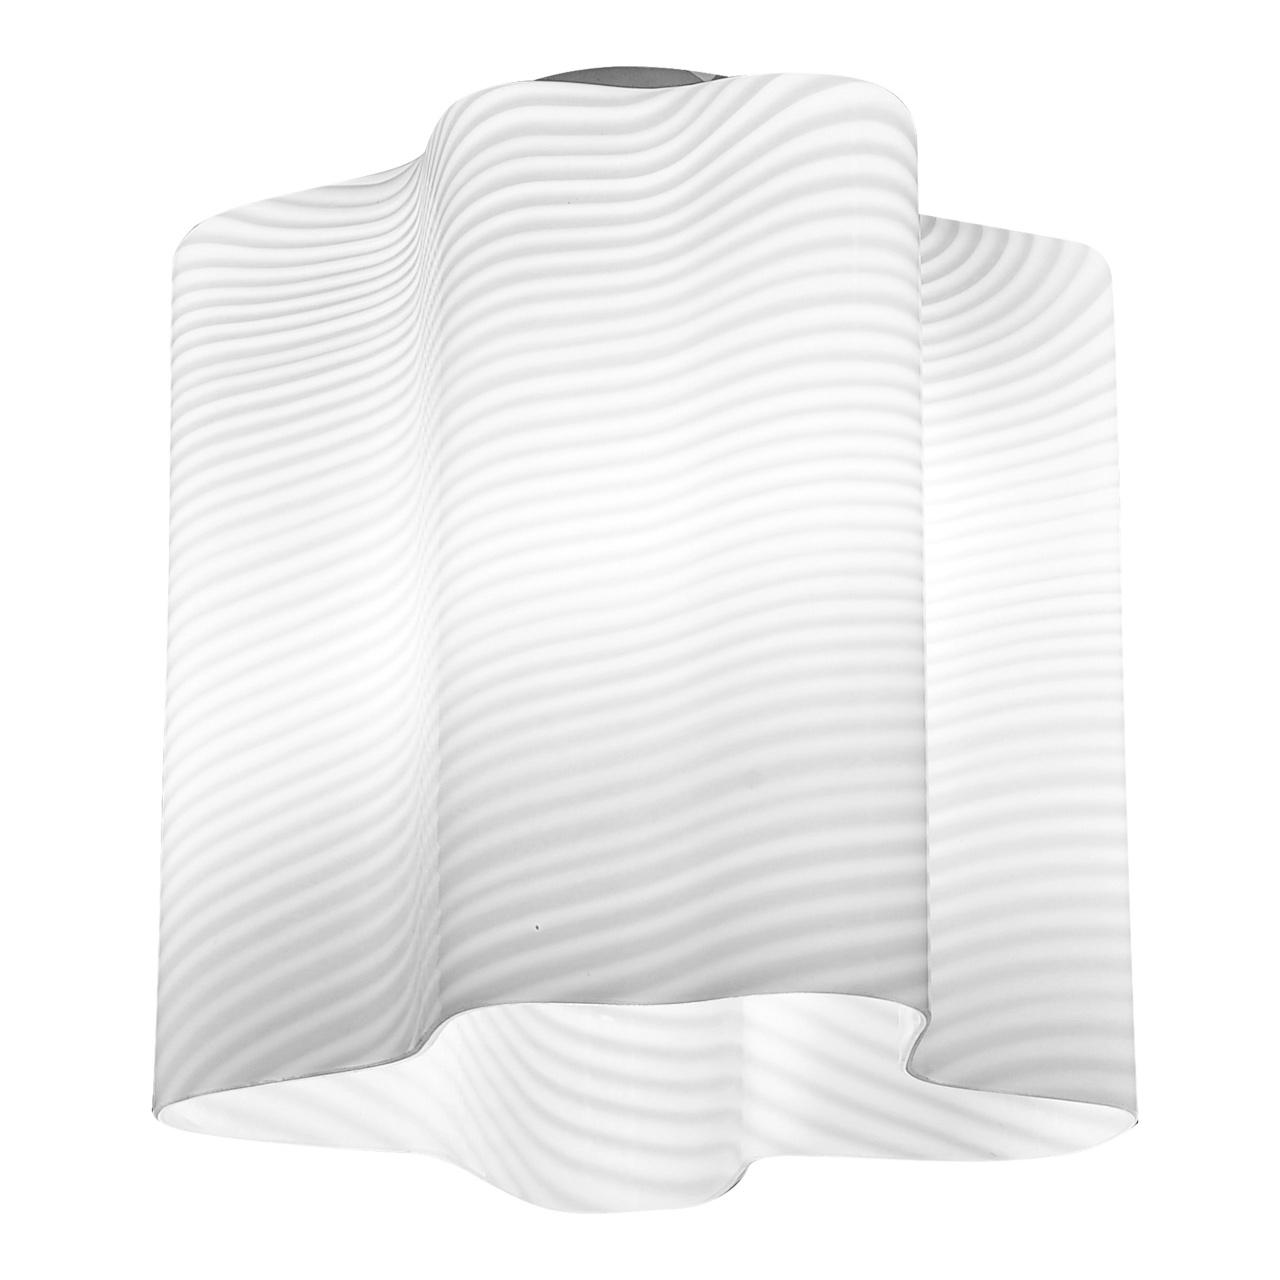 Люстра потолочная Nubi Ondoso 1х40W E27 хром / белый полосатый Lightstar 802011